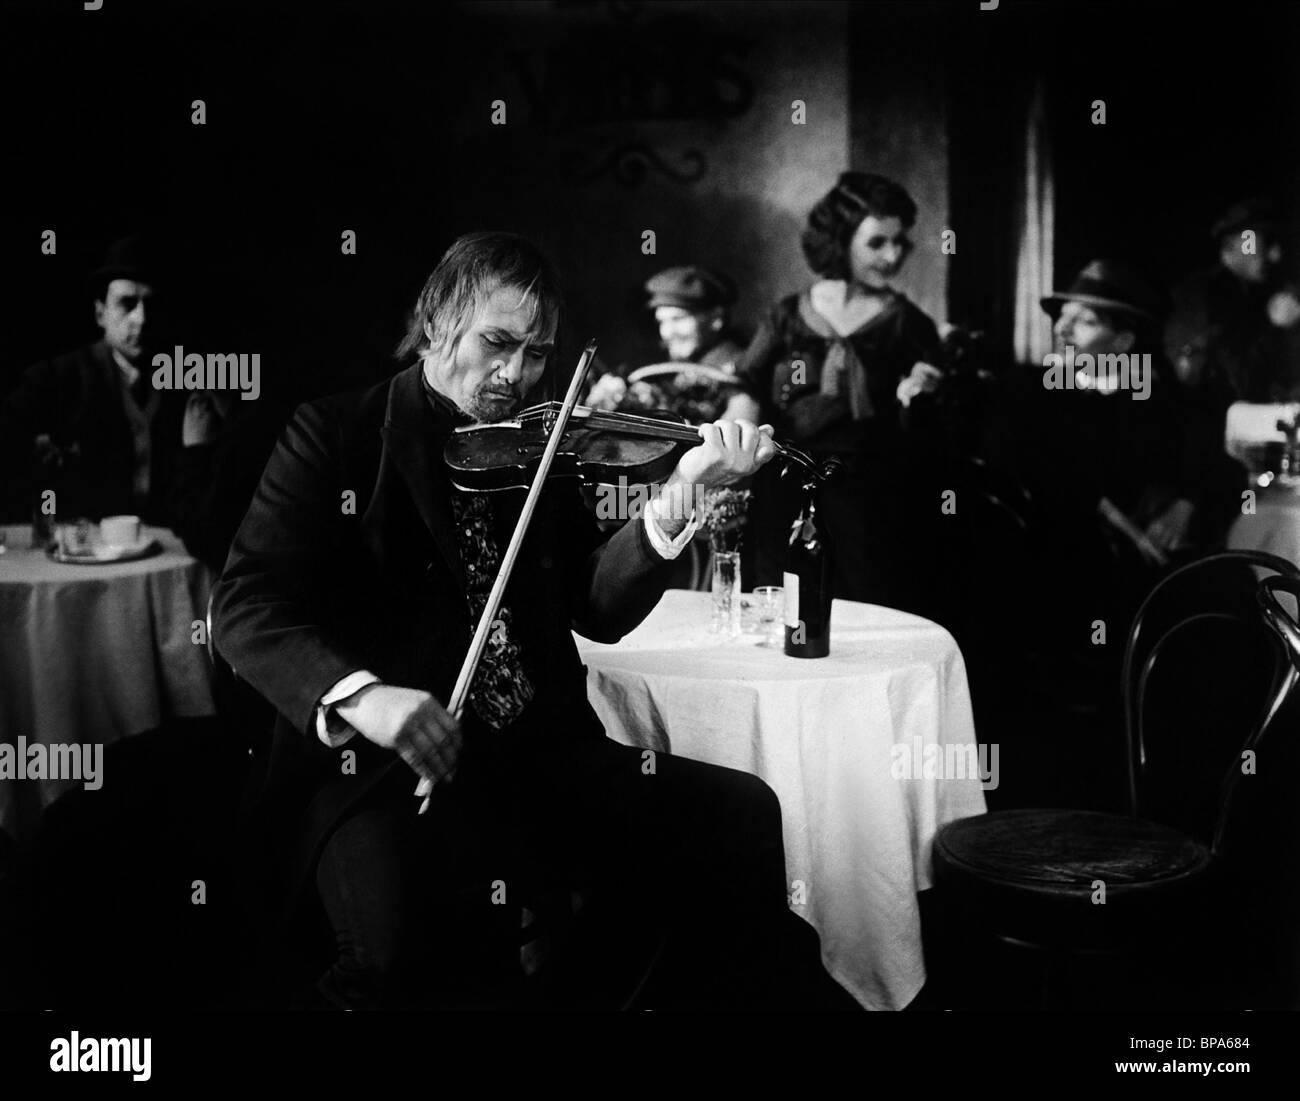 BERNHARD GOETZKE LE BLACKGUARD; DIE PRINZESSIN UND DER GEIGER (1925) Photo Stock